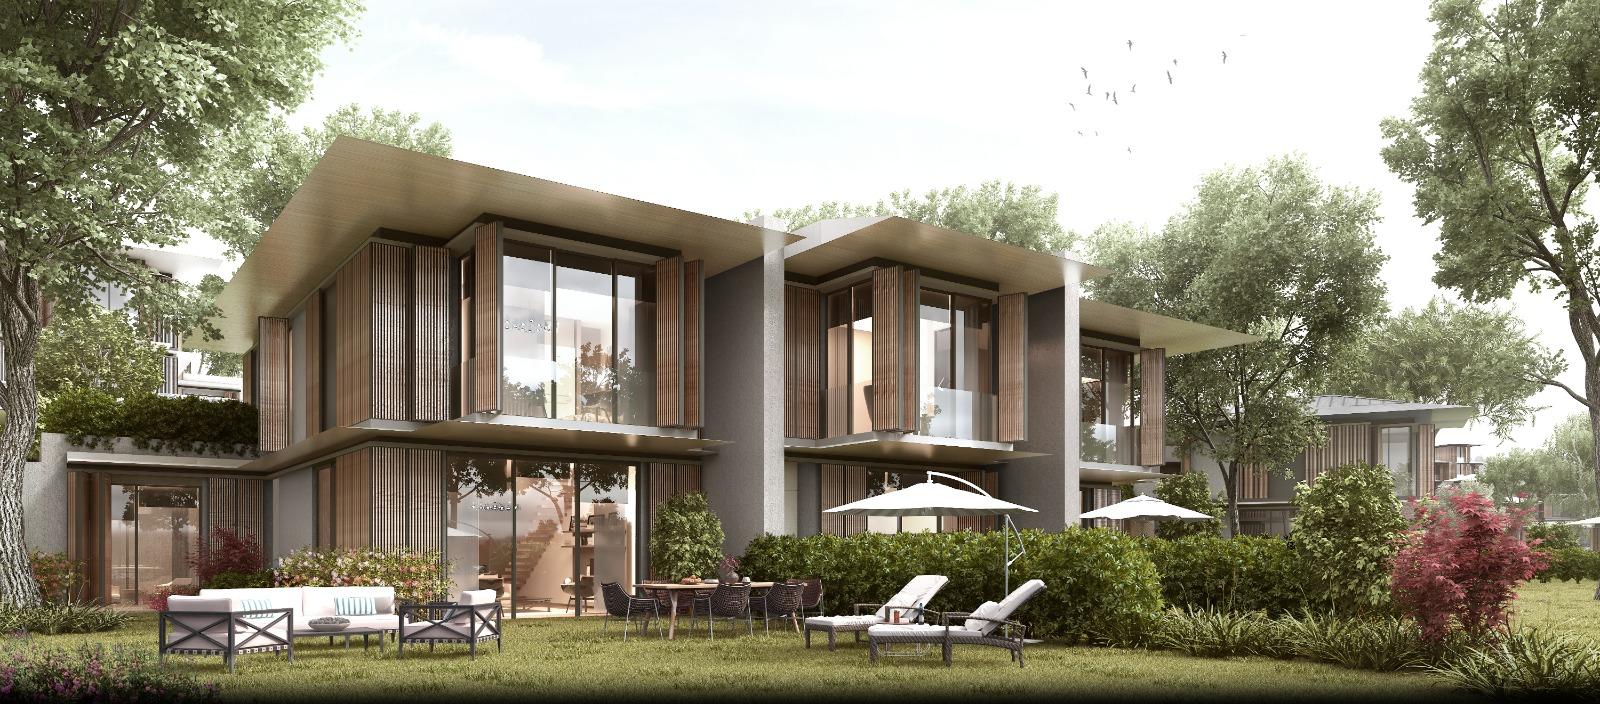 Эксклюзивный проект-комплекс вилл в Бейкоз - Фото 32